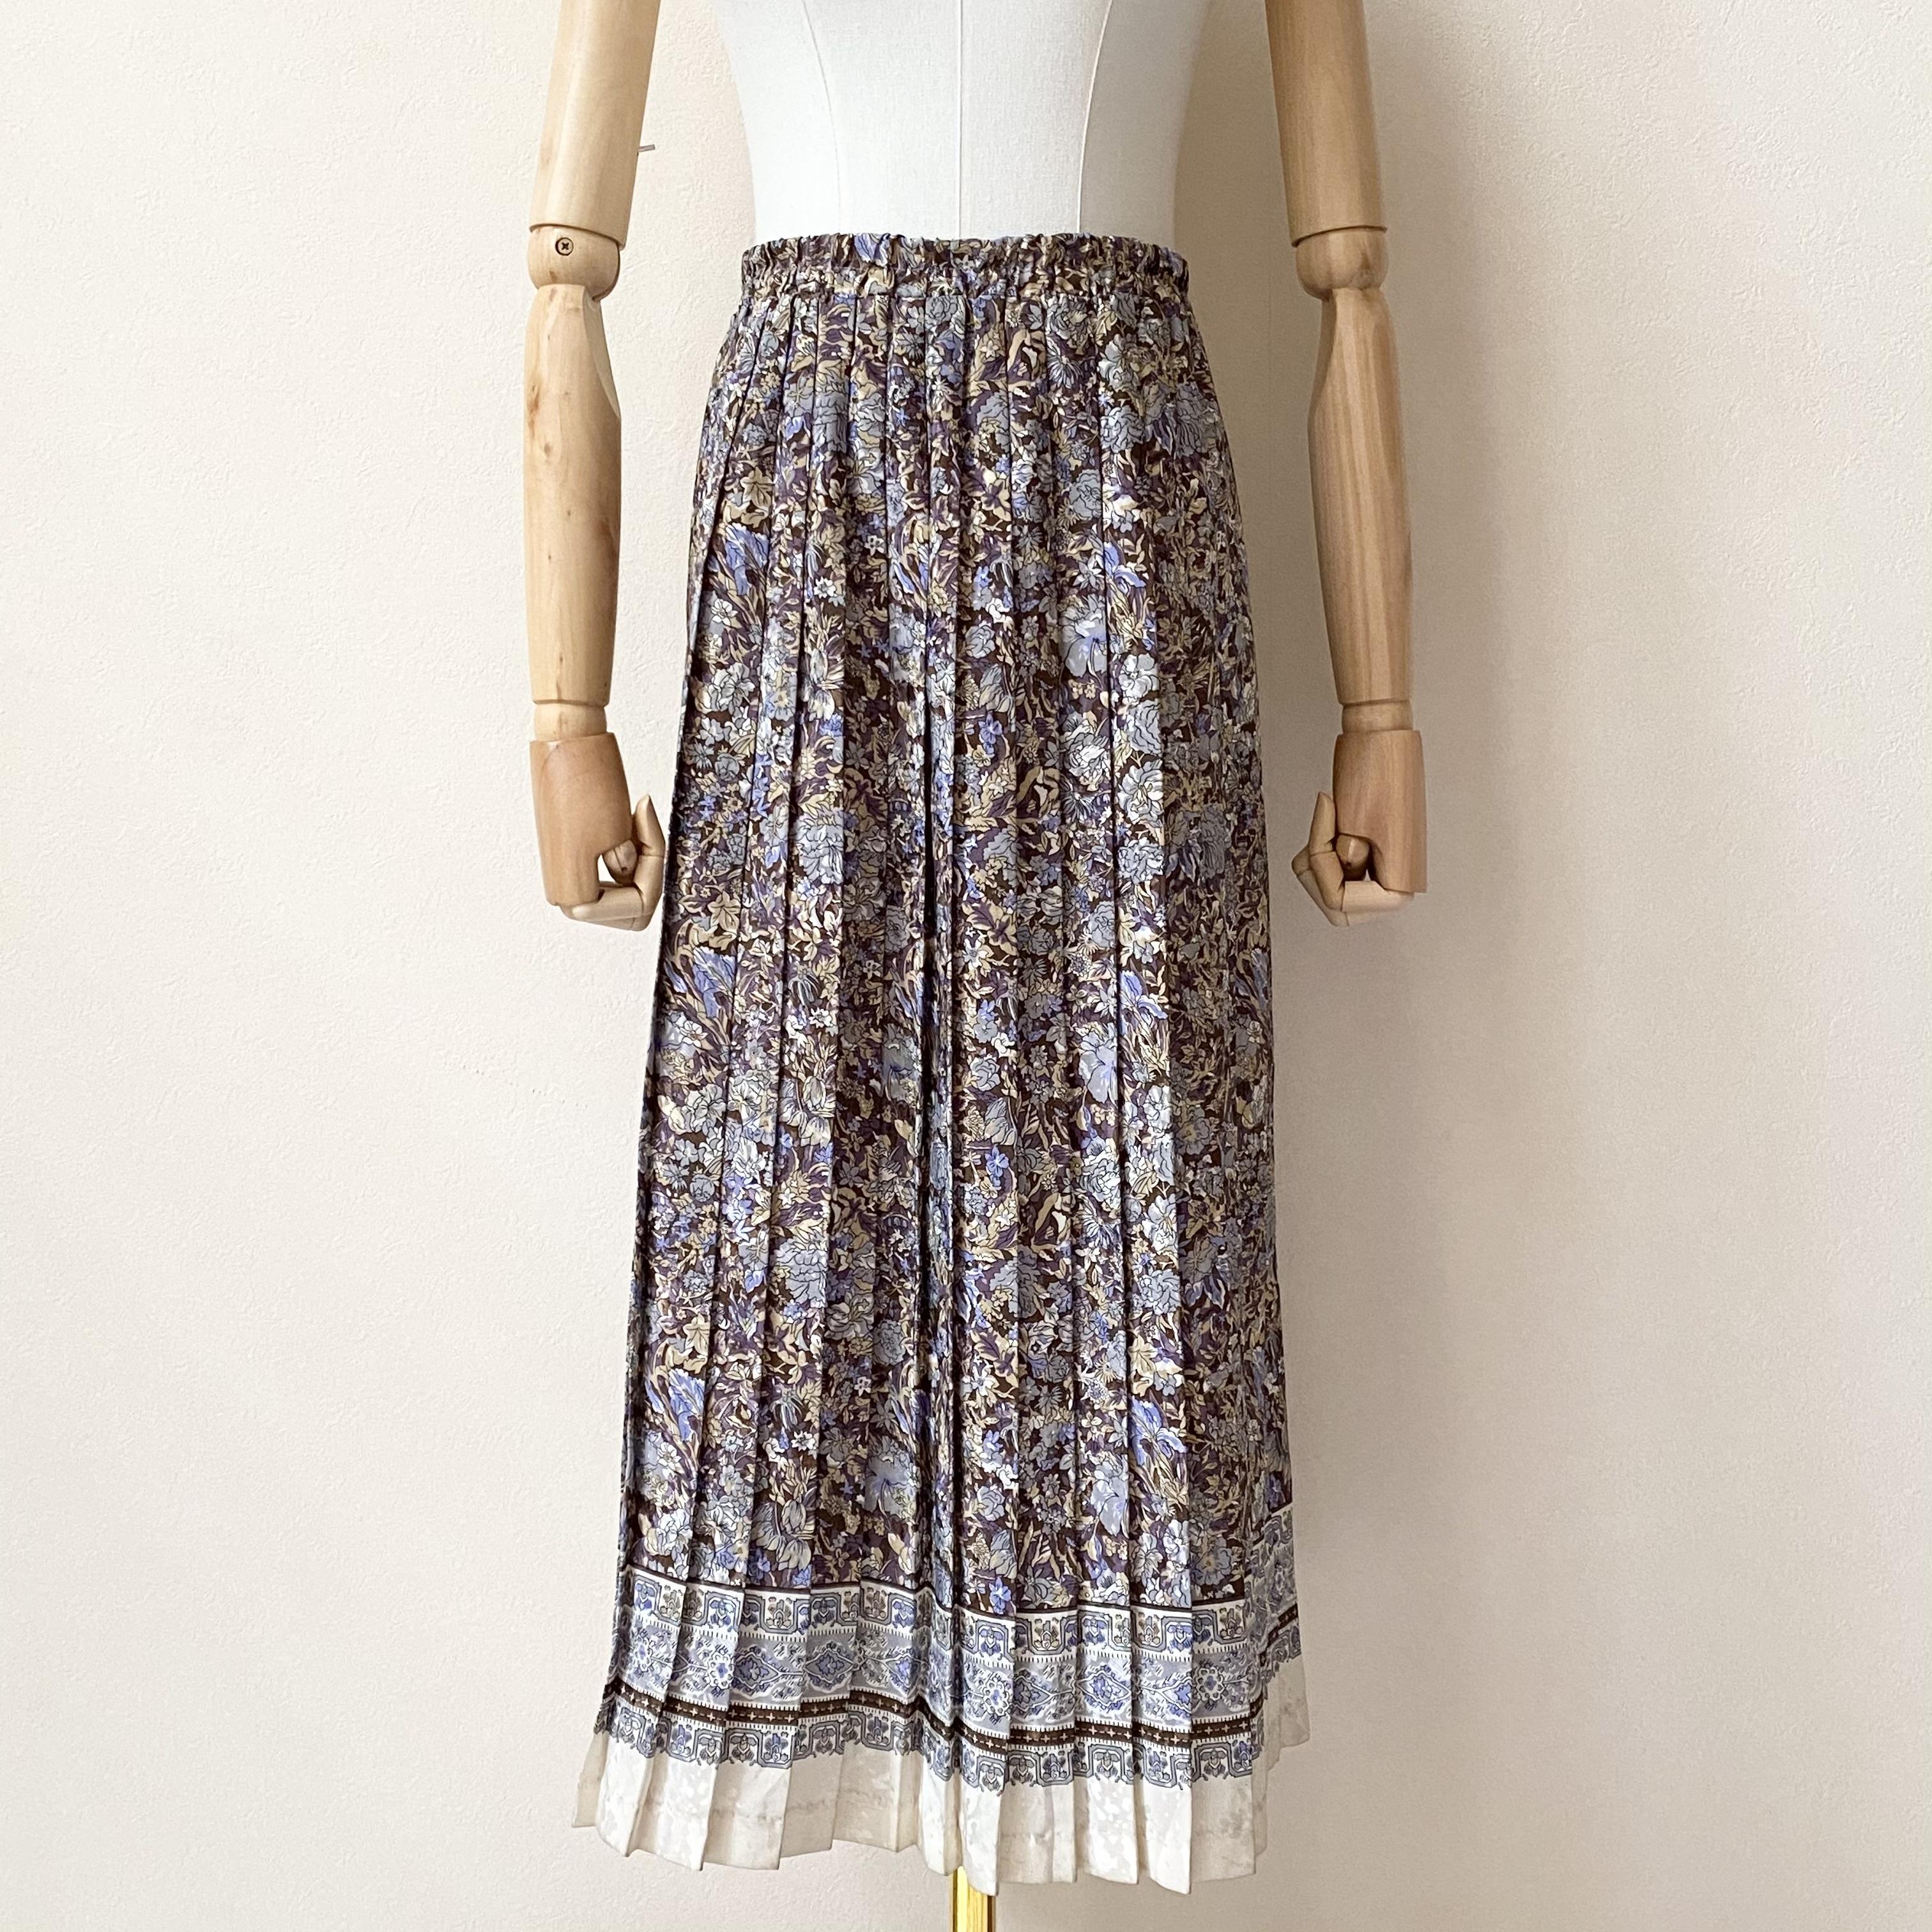 レディース 70年代 花柄 プリーツスカート アメリカ 古着 ポリエステル ブラウン 日本L